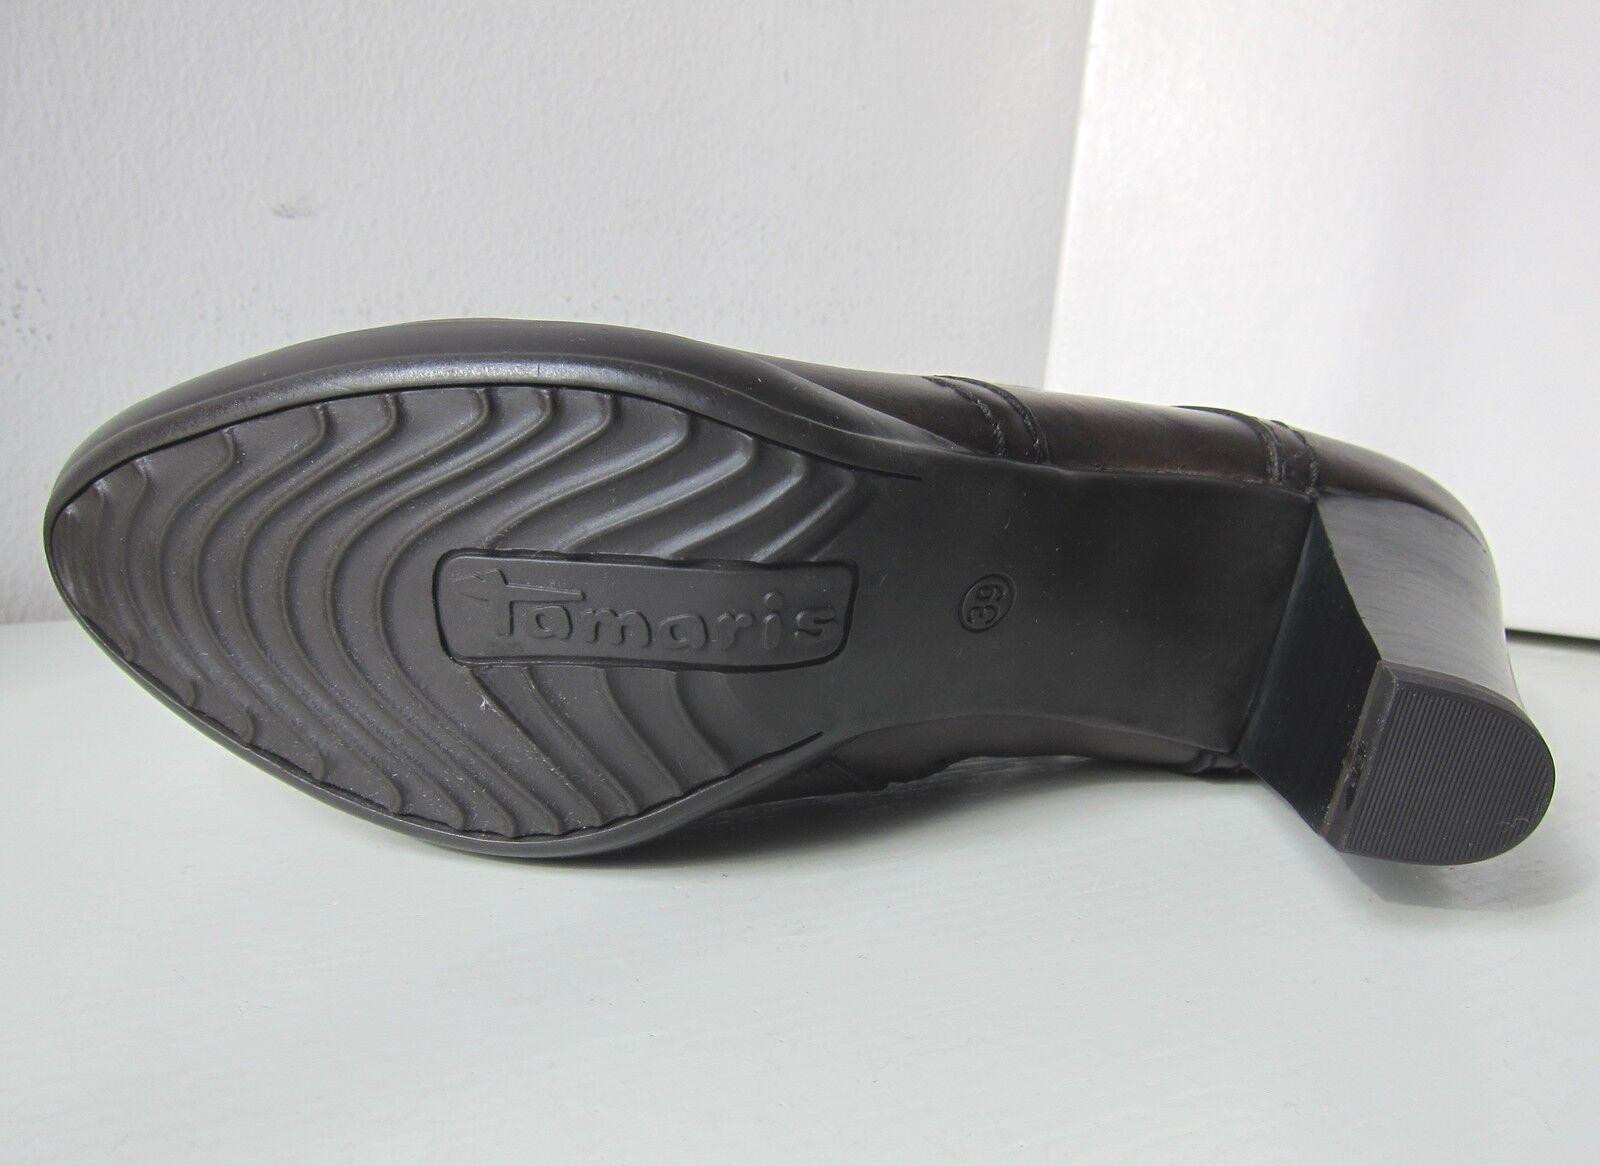 Tamaris Stiefelette mocca braun 40 Stiefel ankle Stiefel bootee Braun Stiefel 40 Pink 085bc4